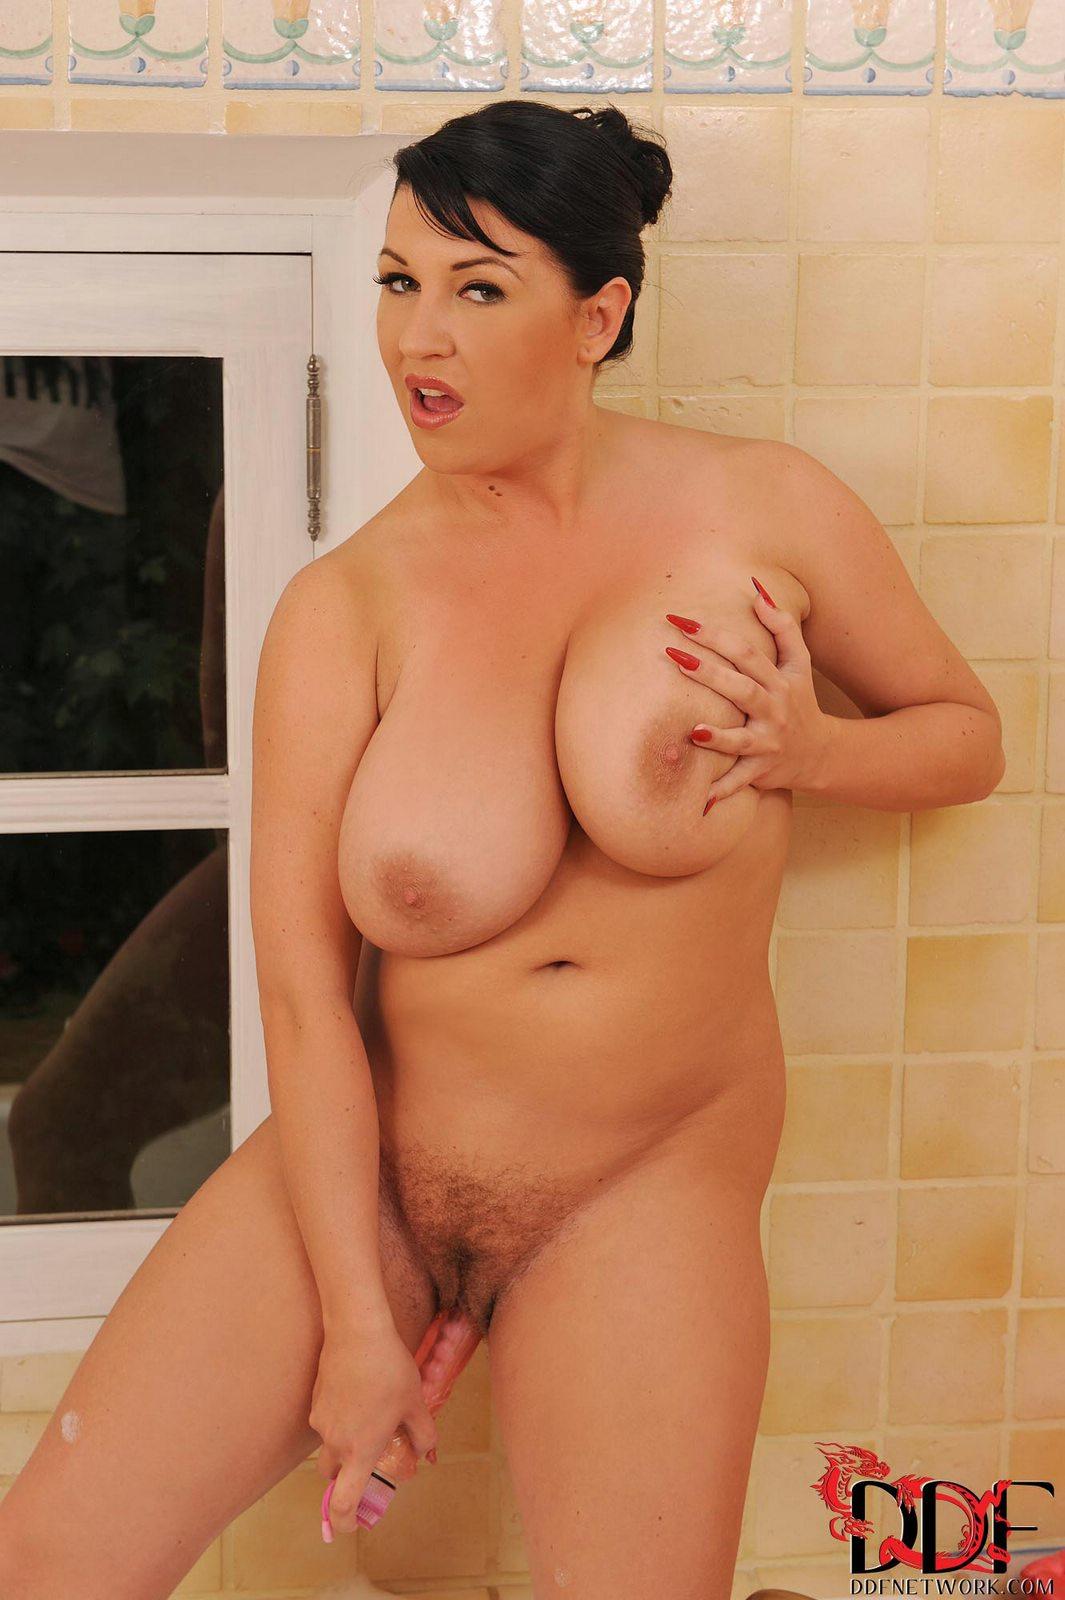 Hot sex bitchies pics